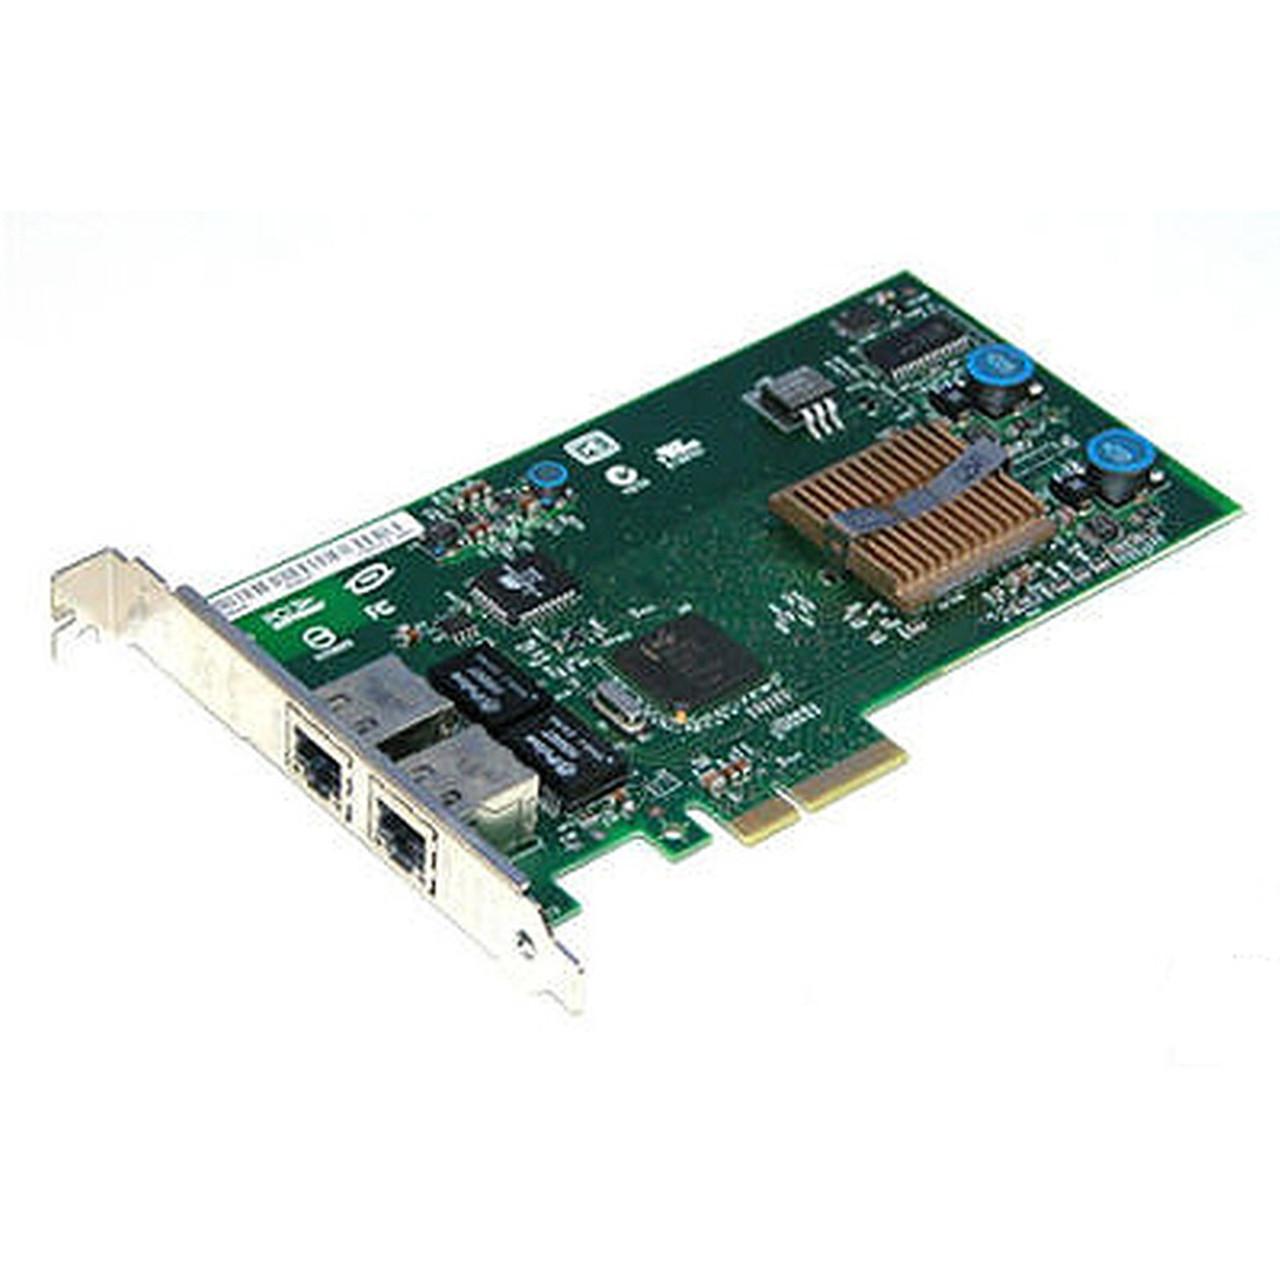 Dell Intel PRO1000PT PCI-E Dual Port Network Card Adapter XF111